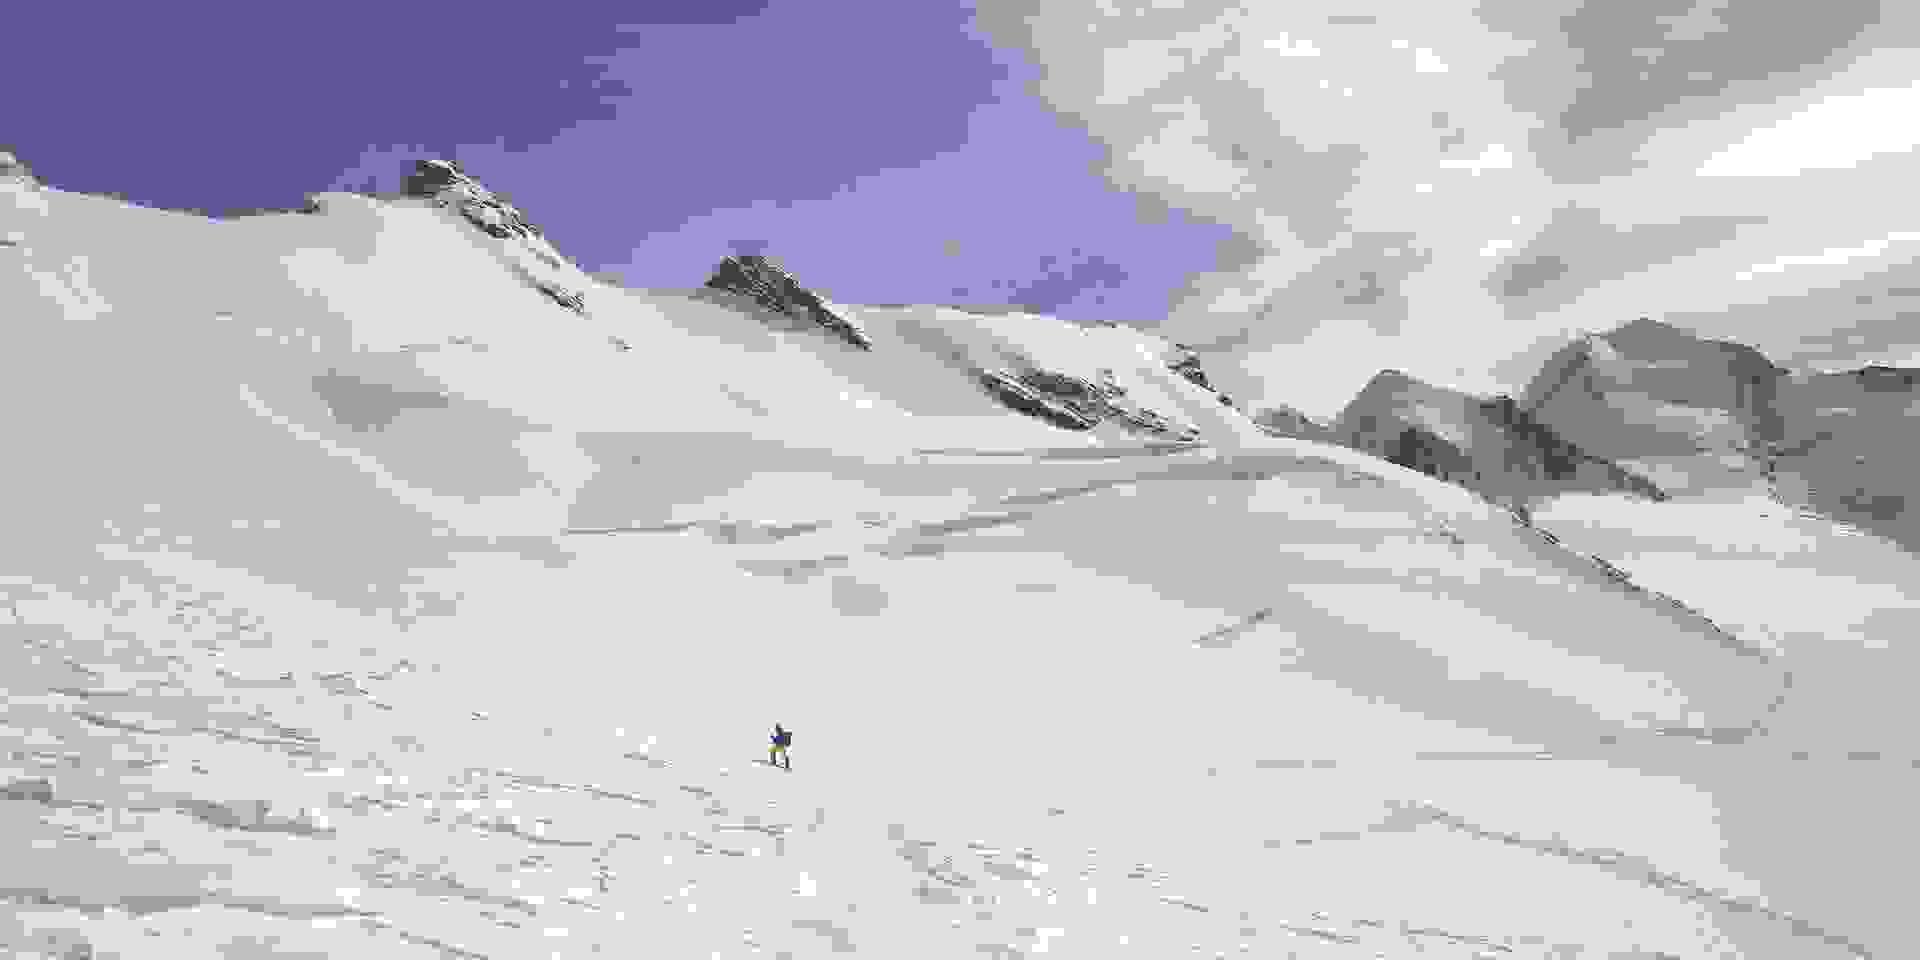 Ein Skitourengeher auf dem Gletscher.